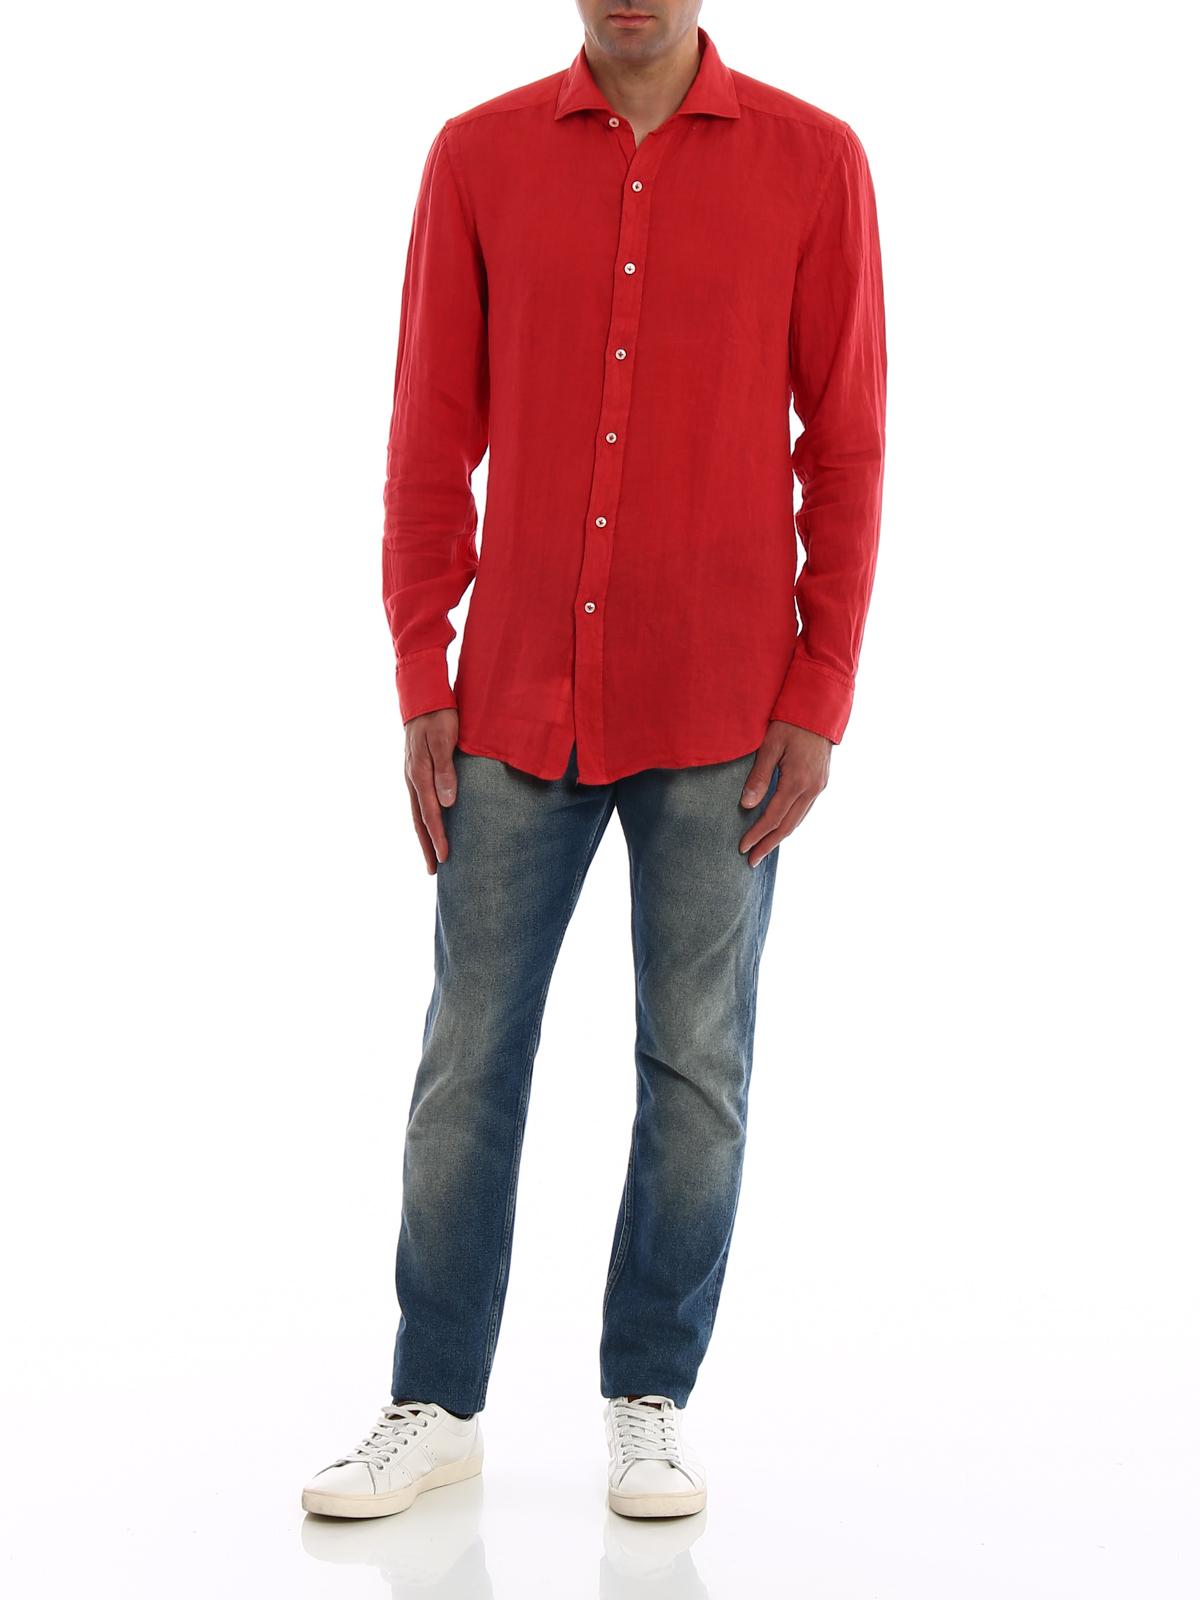 watch dbab2 03f15 Fay - Camicia casual in lino rosso - camicie ...